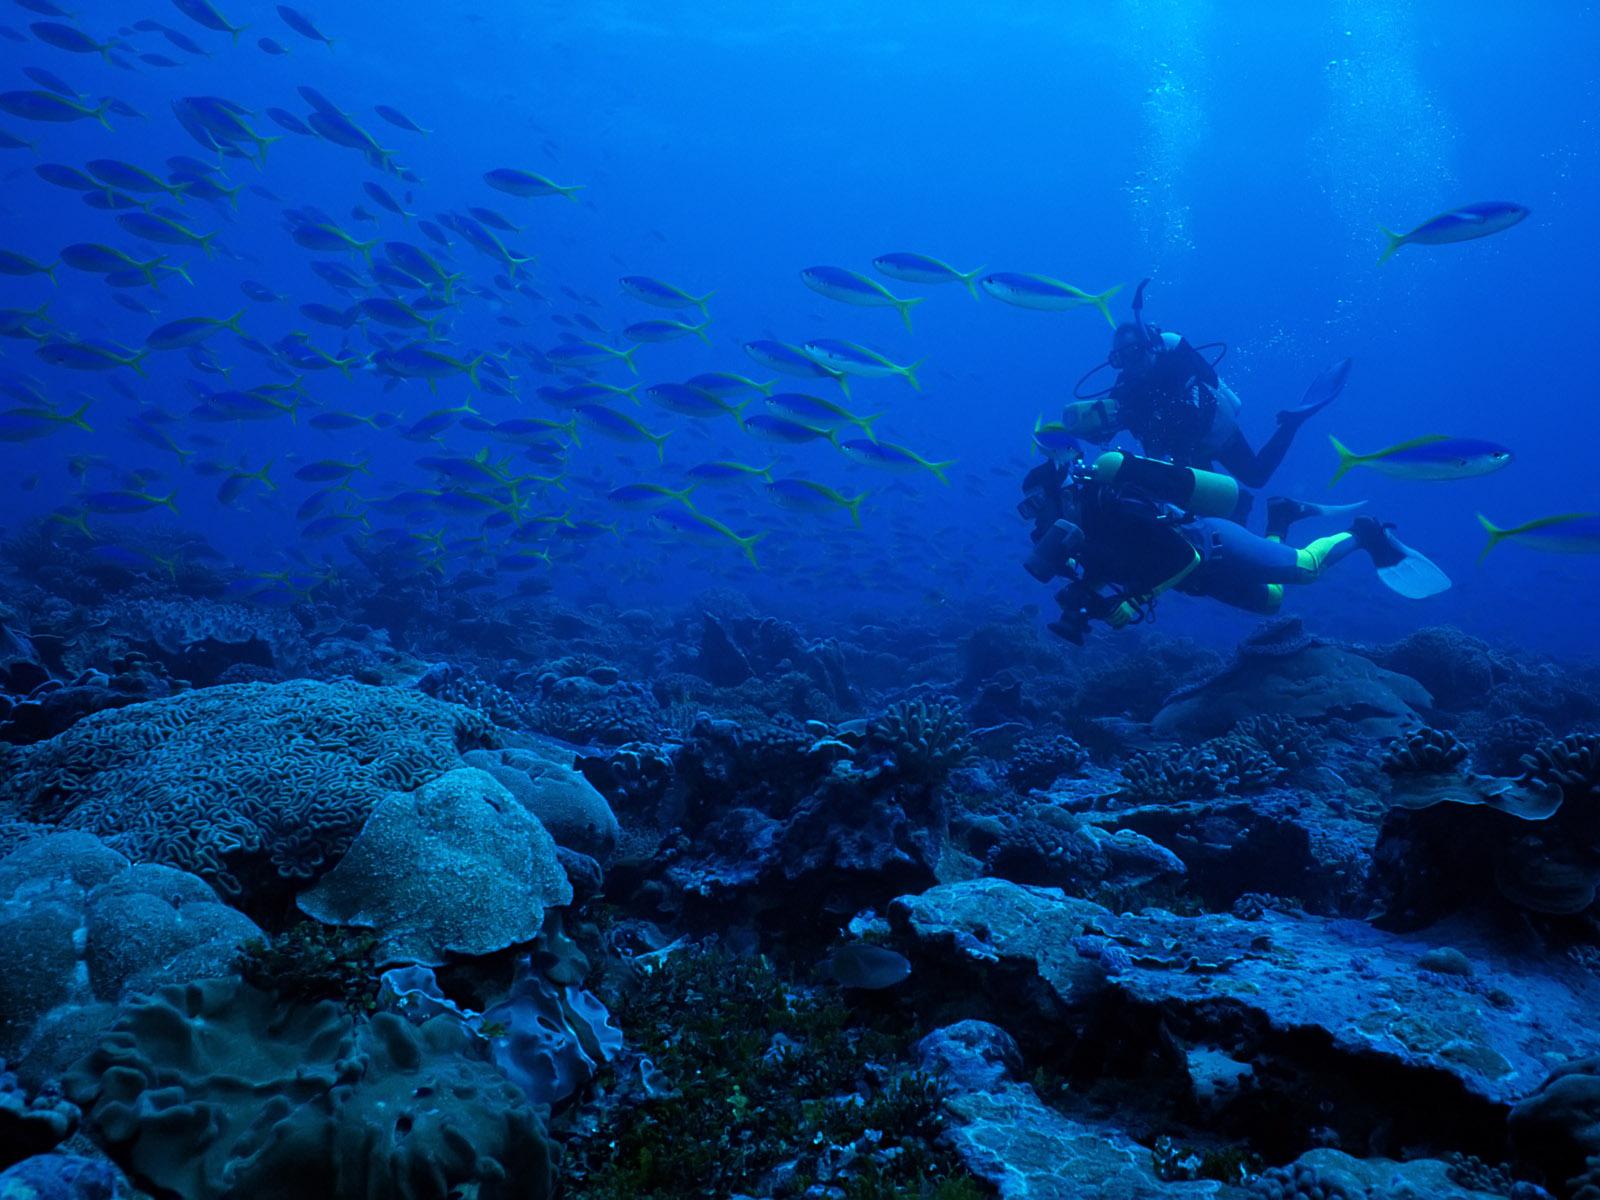 Download 74 Wallpaper Pemandangan Bawah Laut Hd Foto Paling Keren